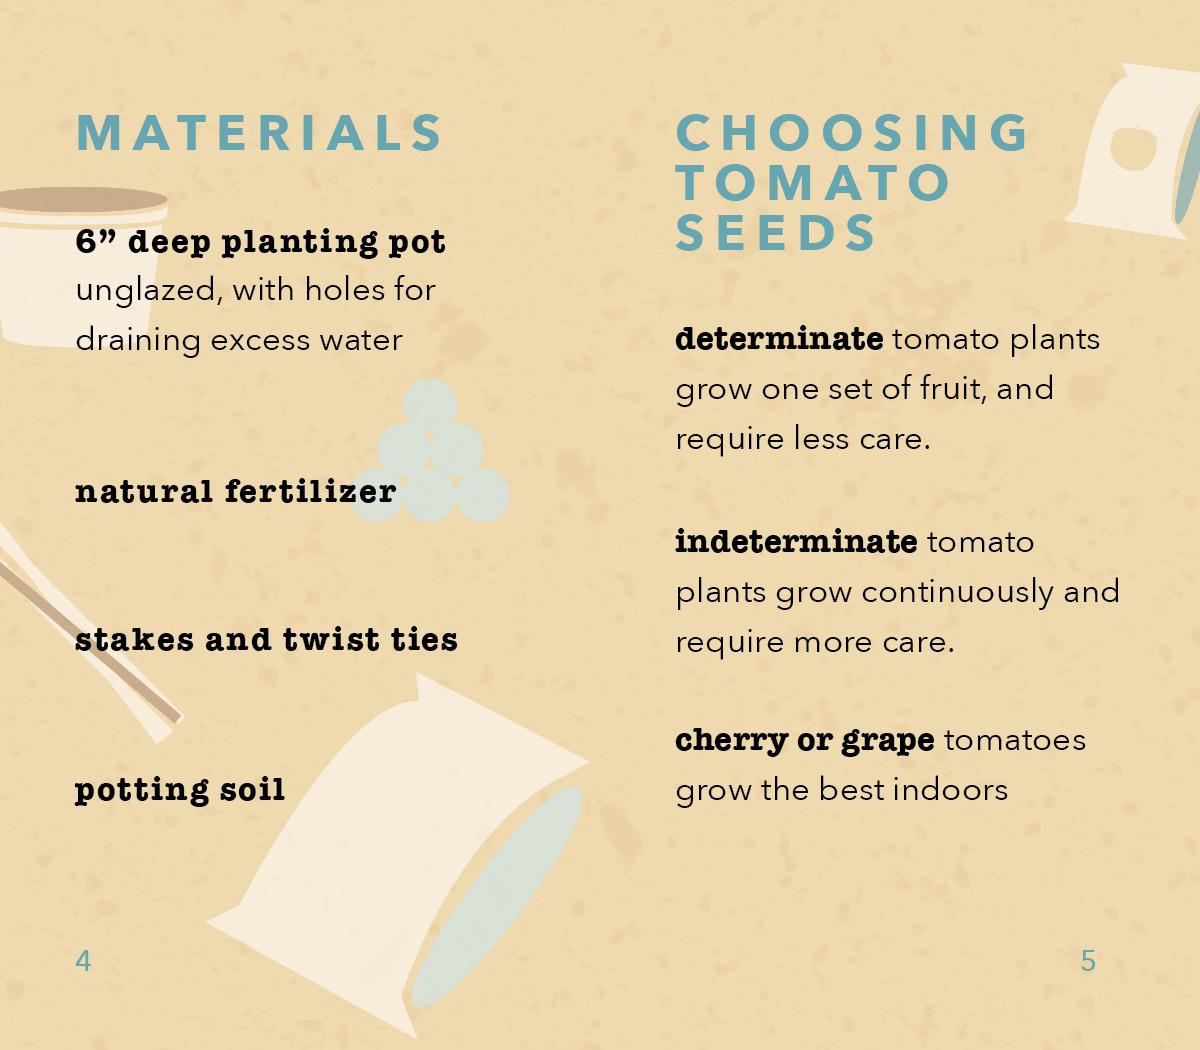 TomatoInstructions3.jpg